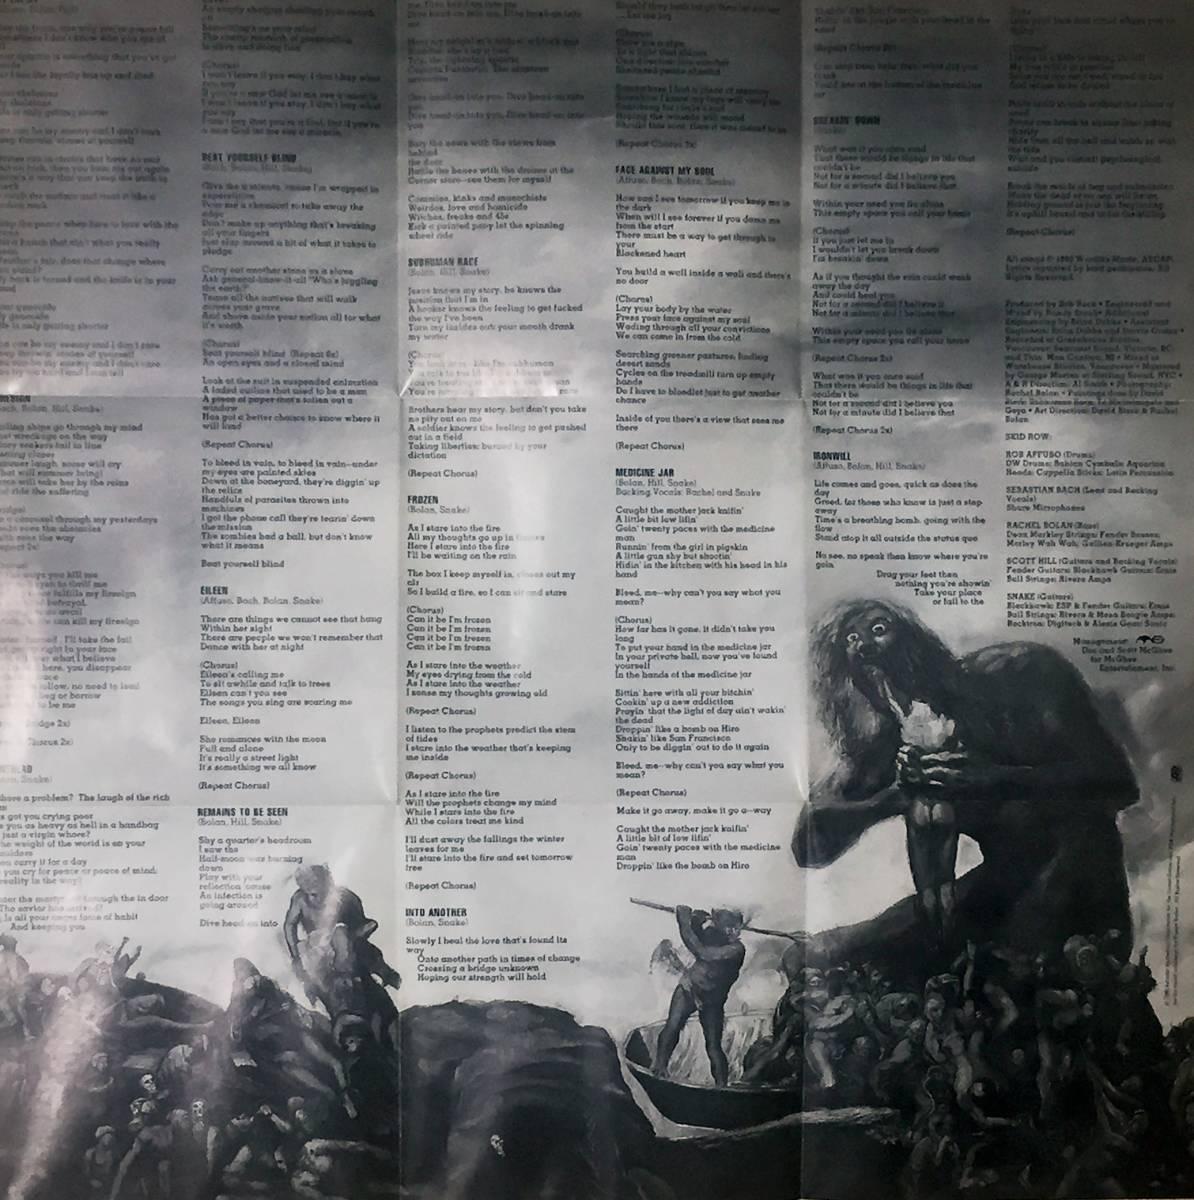 スキッド・ロウの1995年発売のインポートCD 「サブヒューマン・レース」 13曲入りのデジパック仕様 西ドイツ盤です。_画像8